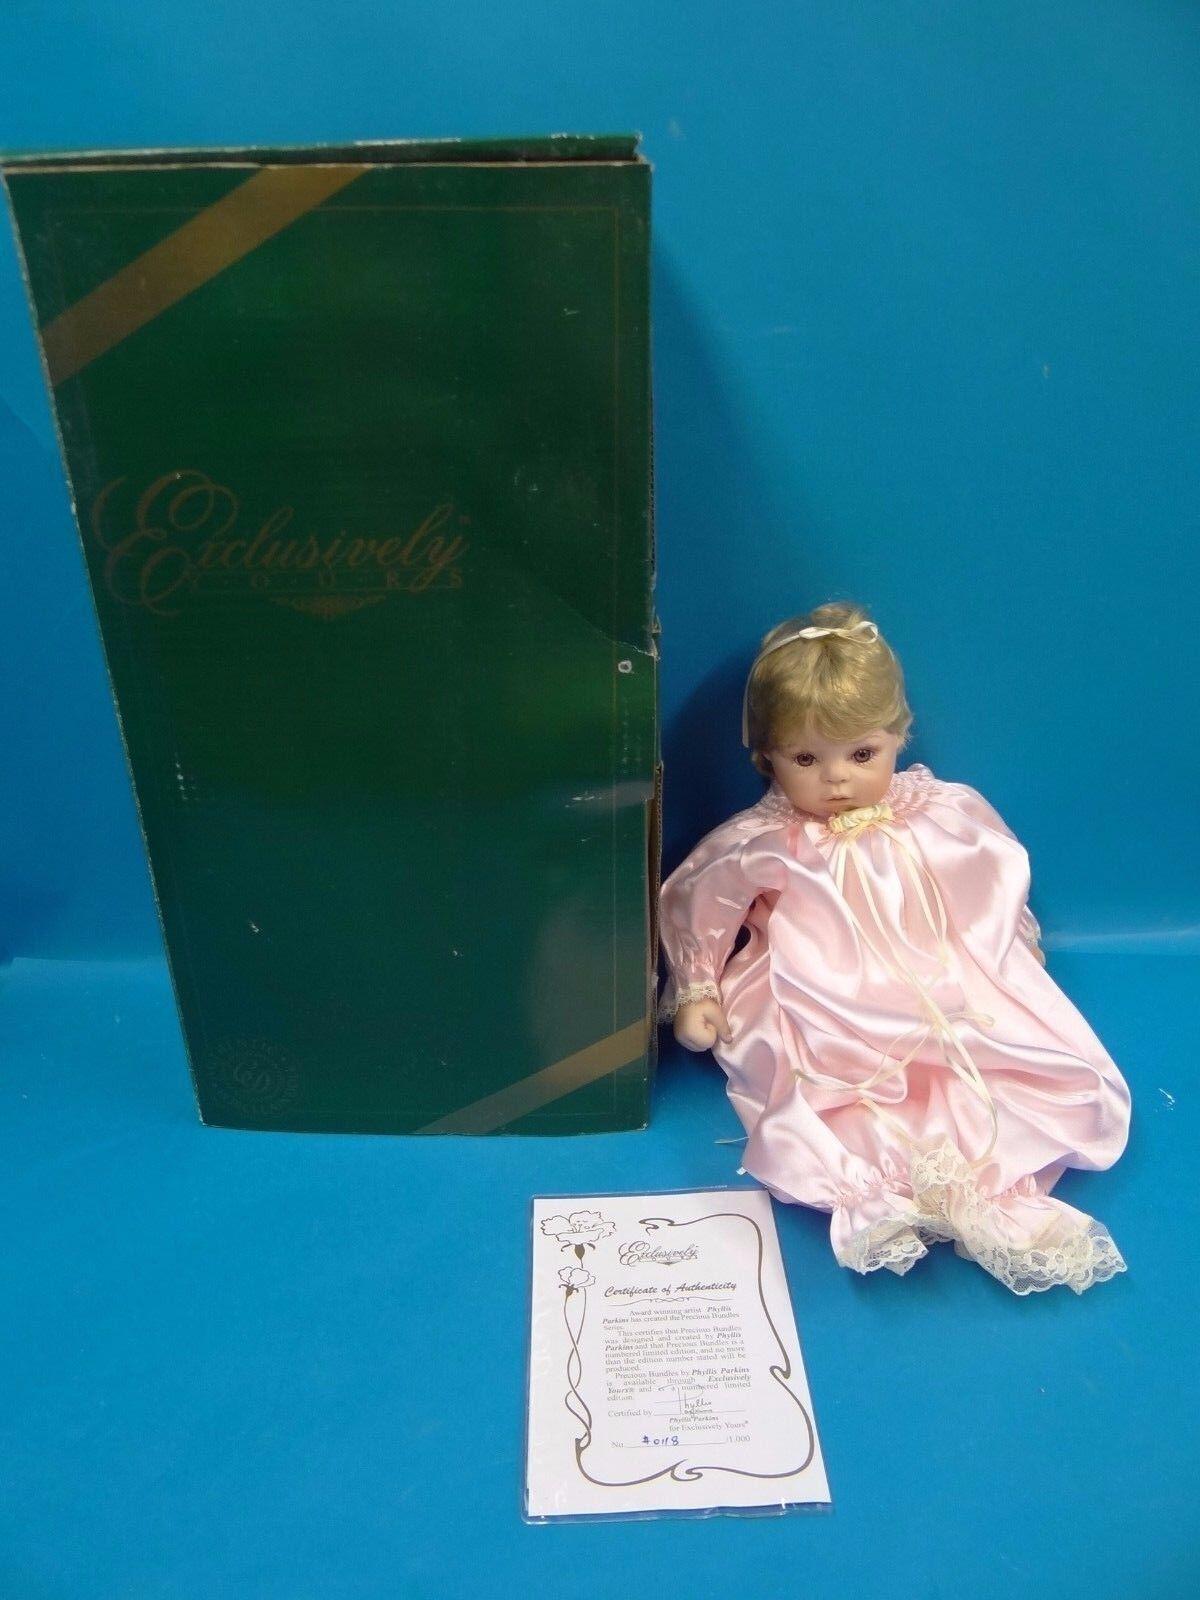 Exclusivamente suya auténtico porcelana muñeca de 118 1000 Edición Limitada Phyllis Parkins